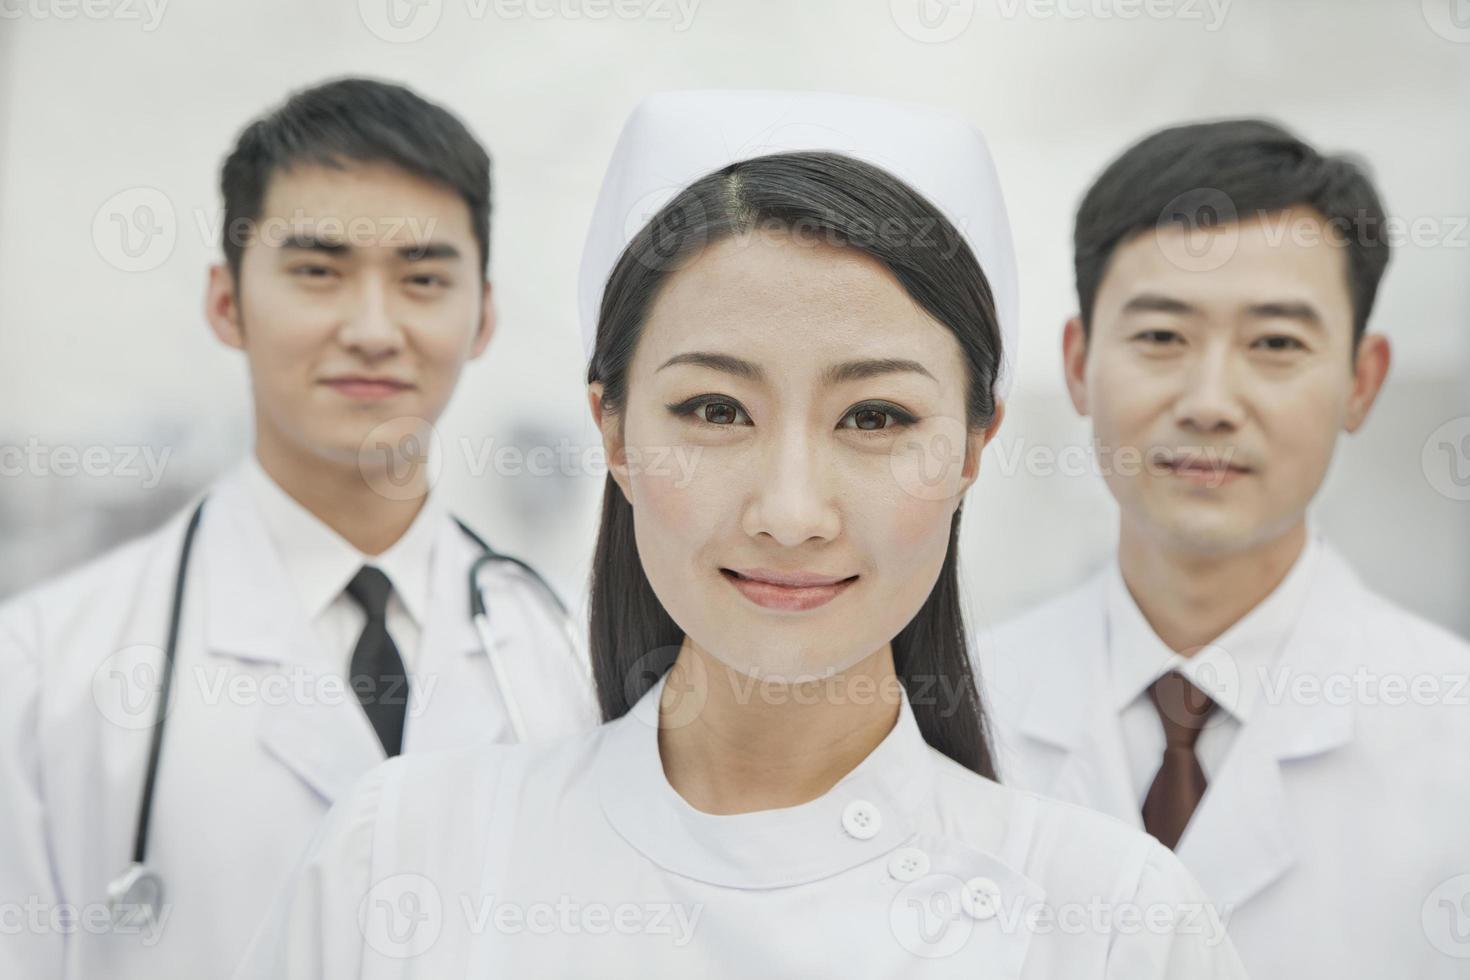 Porträt von Gesundheitspersonal in China, zwei Ärzten und Krankenschwester foto